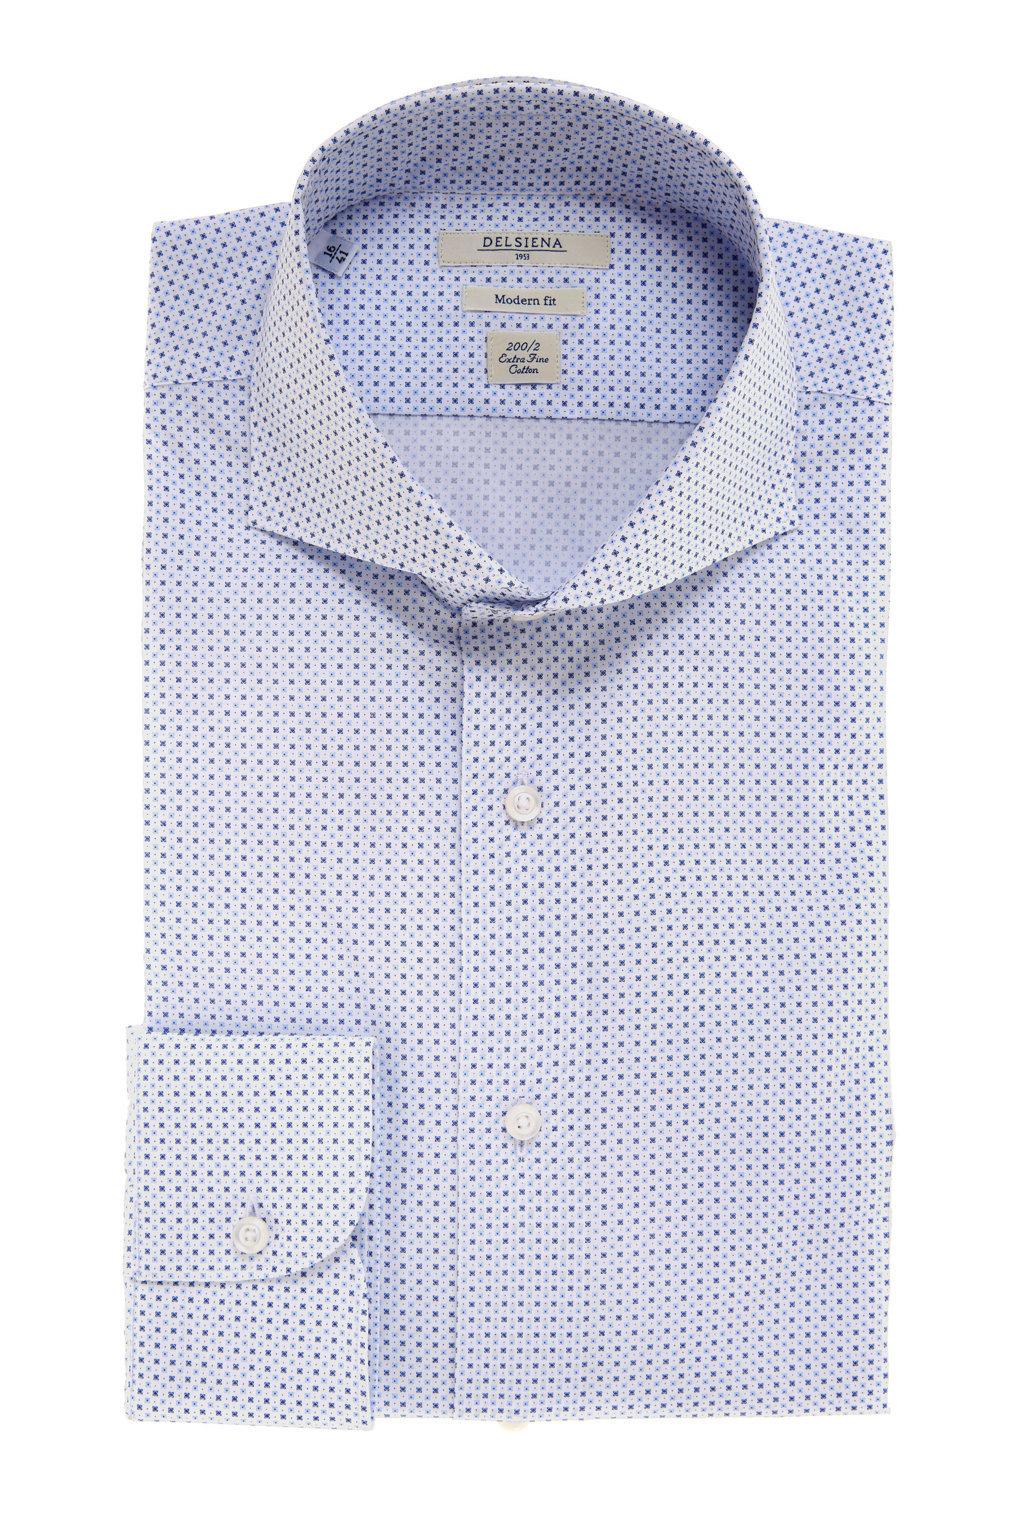 Camicia Delsiena azzurra primavera estate 2017